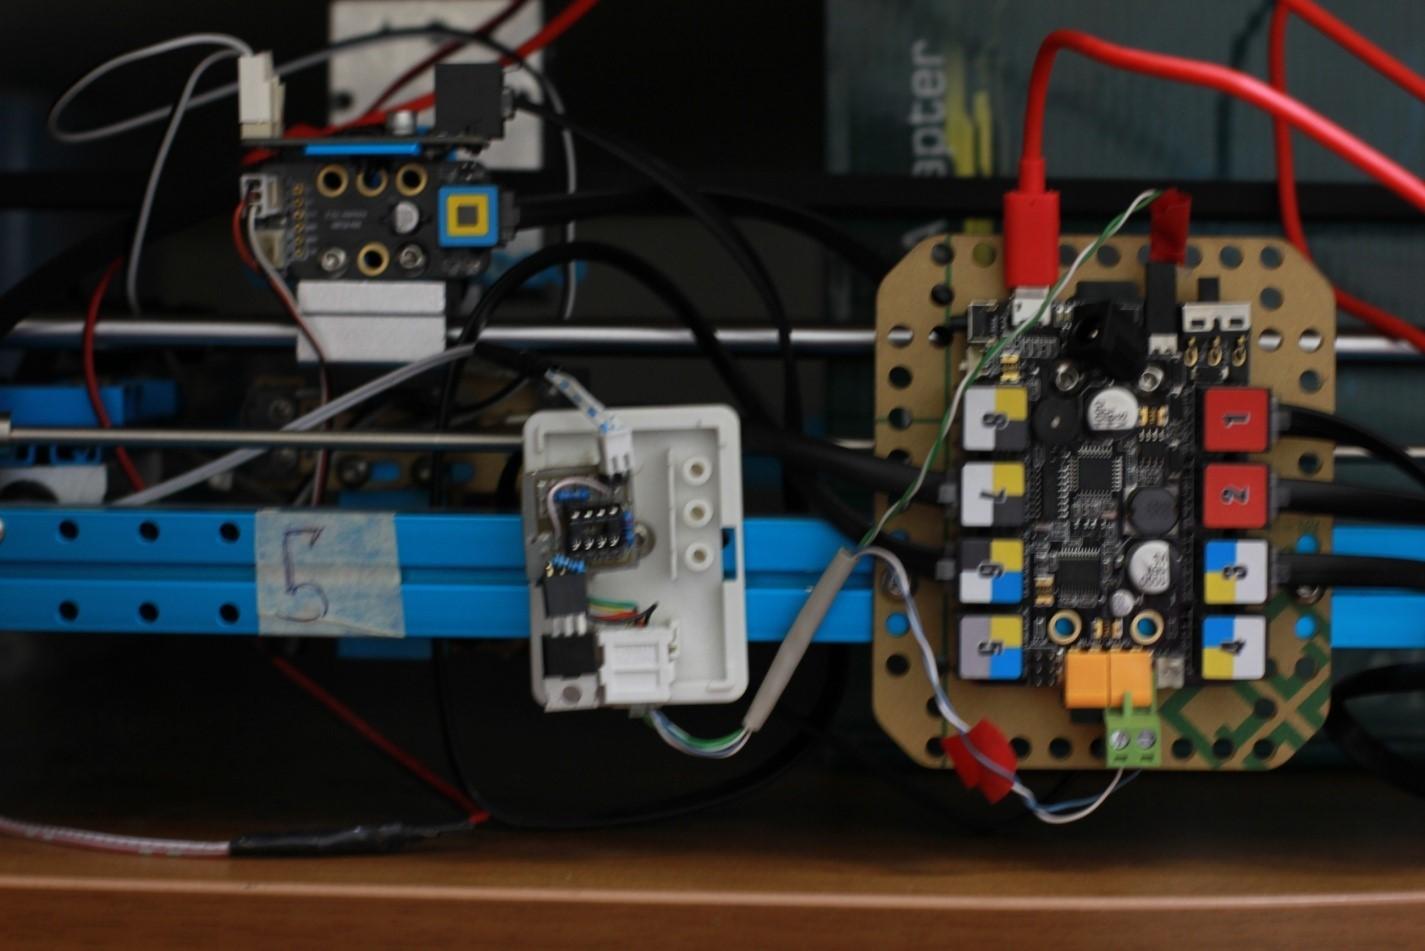 Как подключить полупроводниковый лазер мощностью более 1 Вт (1000 мВт) к 3D-принтеру, ЧПУ станку, координатному столу - 5